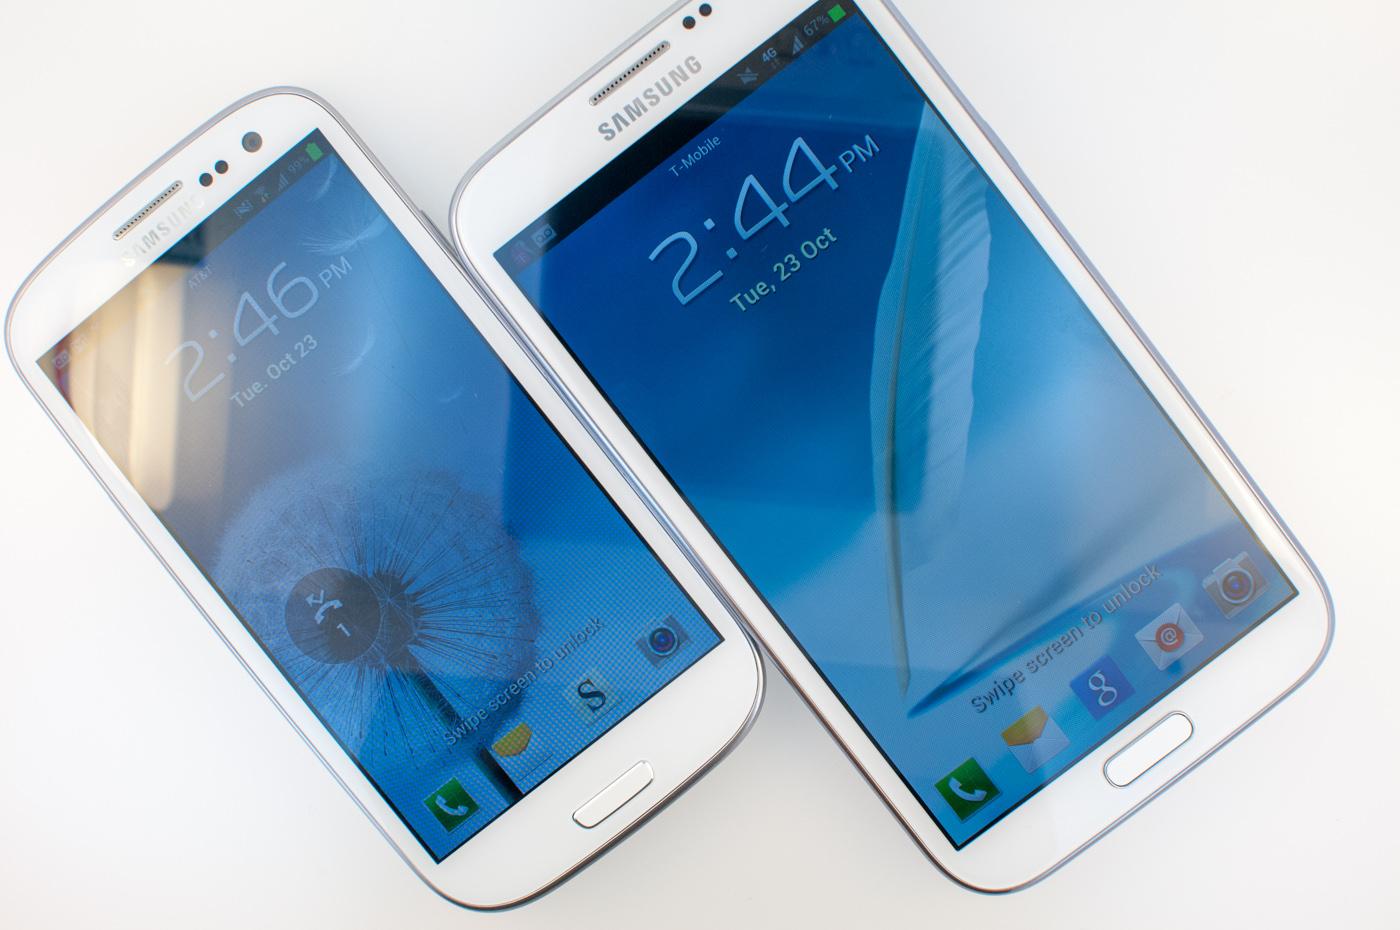 """Samsung Galaxy Mega 6.3 aparece al """"módico"""" precio de 699 €"""